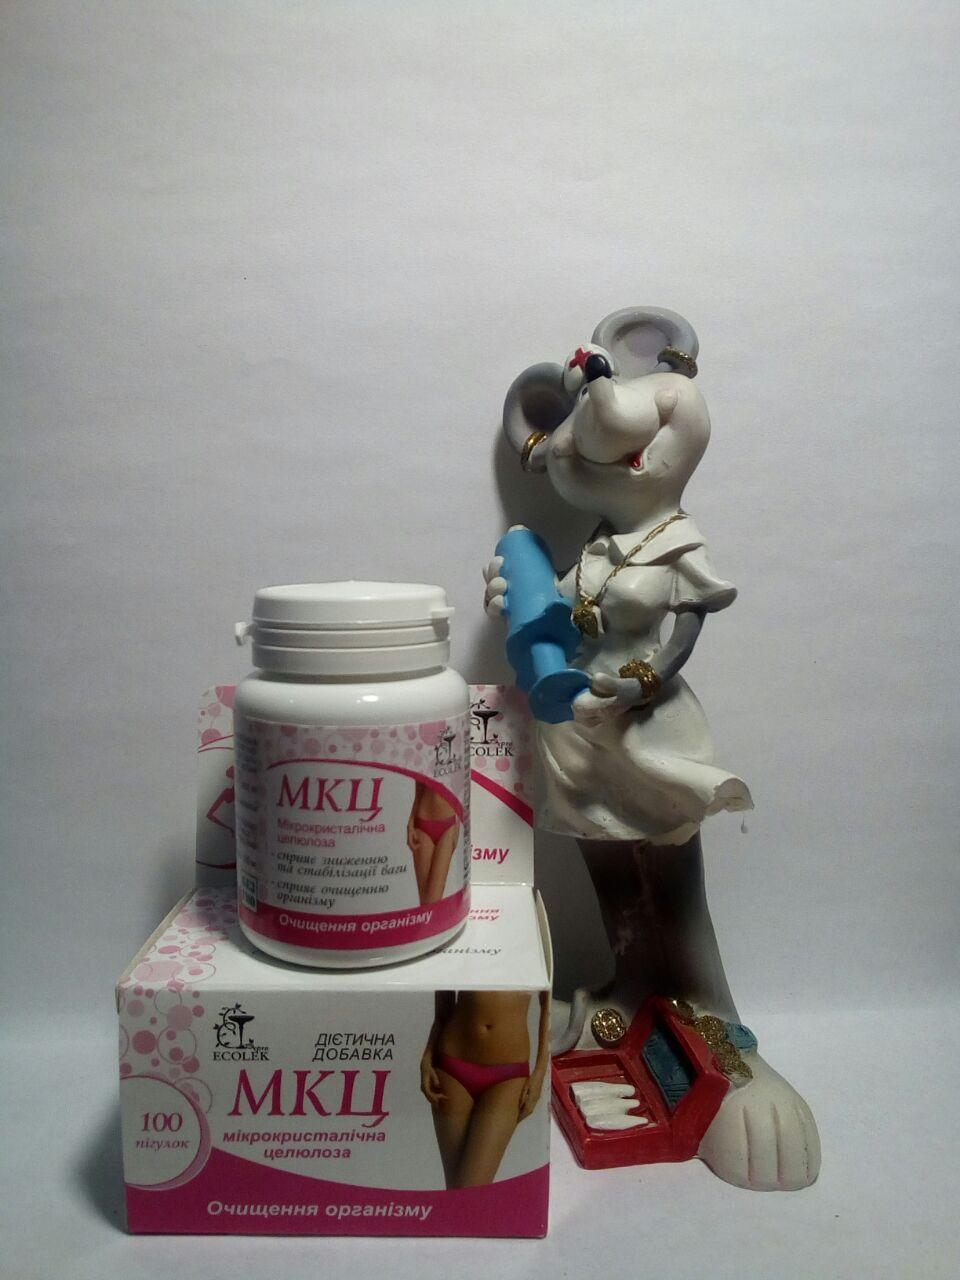 БАД МКЦ Диет - микрокристаллическую целлюлозу как диетическую добавку для контроля веса и очищения кишечника